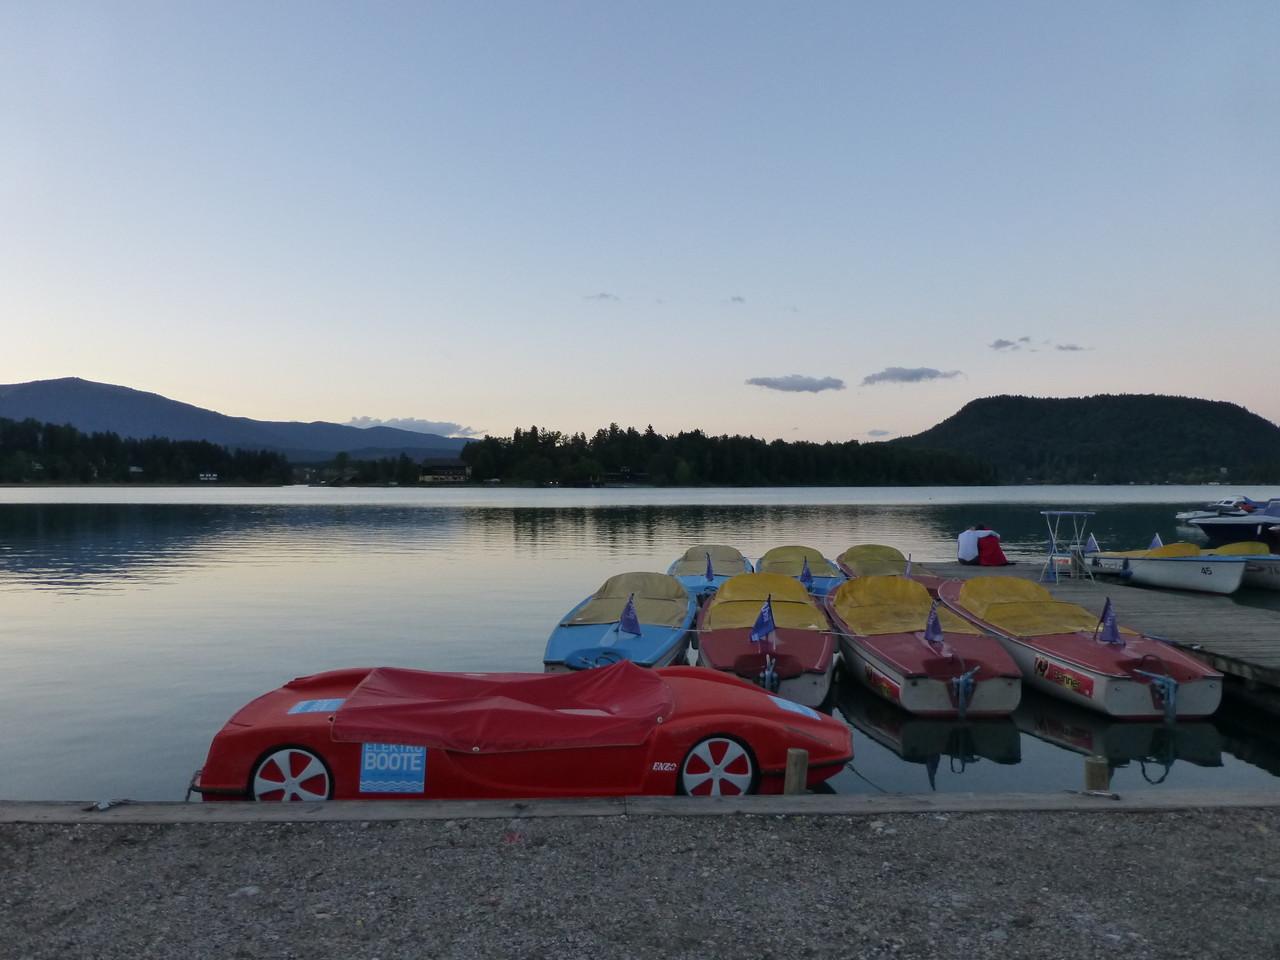 Blick zur Insel - auch hier stehen sie im Wasser - die Autos